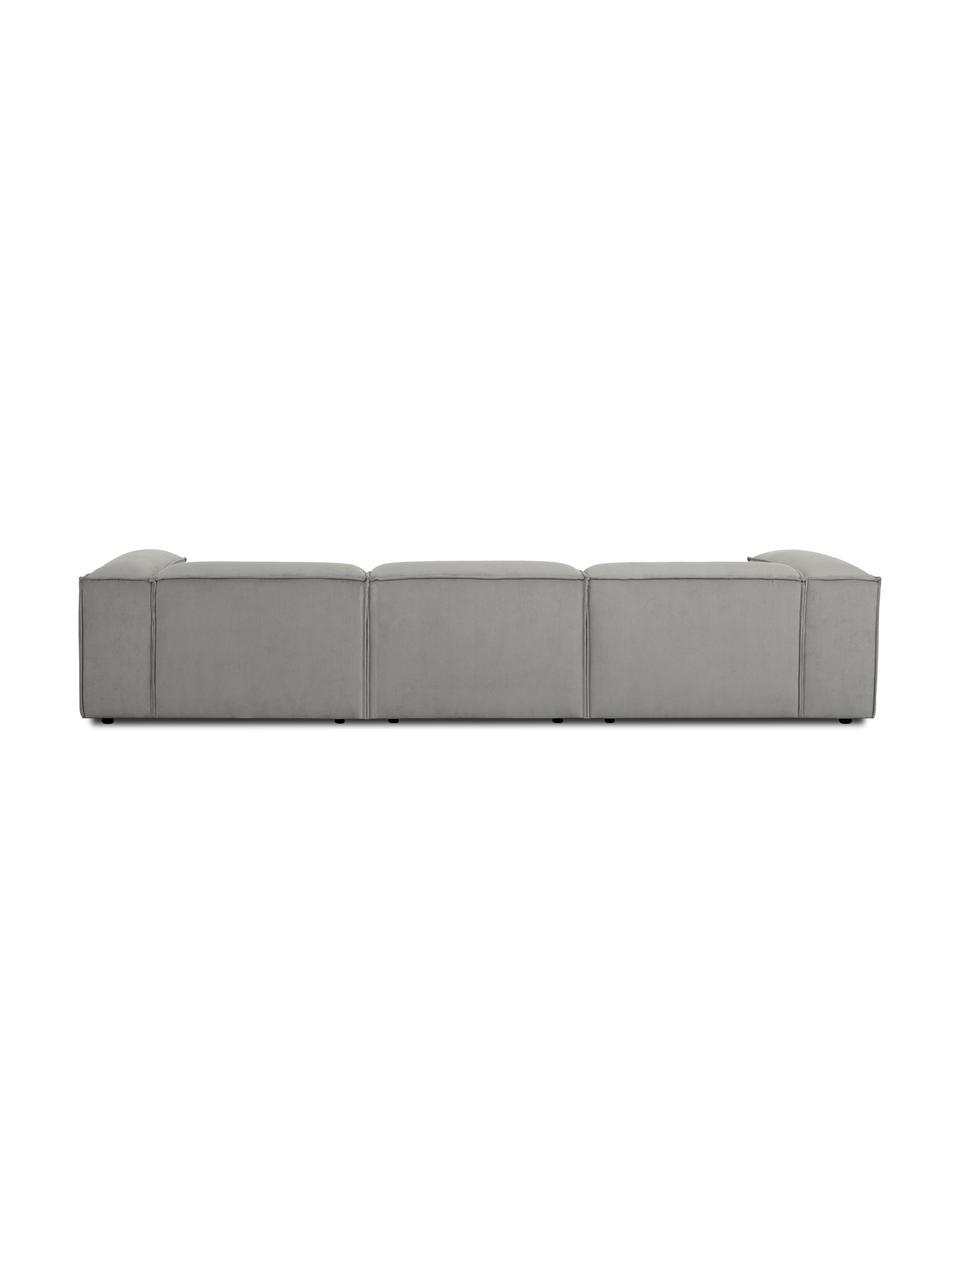 Sofa modułowa ze sztruksu Lennon (4-osobowa), Tapicerka: sztruks (92% poliester, 8, Stelaż: lite drewno sosnowe, skle, Nogi: tworzywo sztuczne Nogi zn, Szary, S 327 x G 119 cm